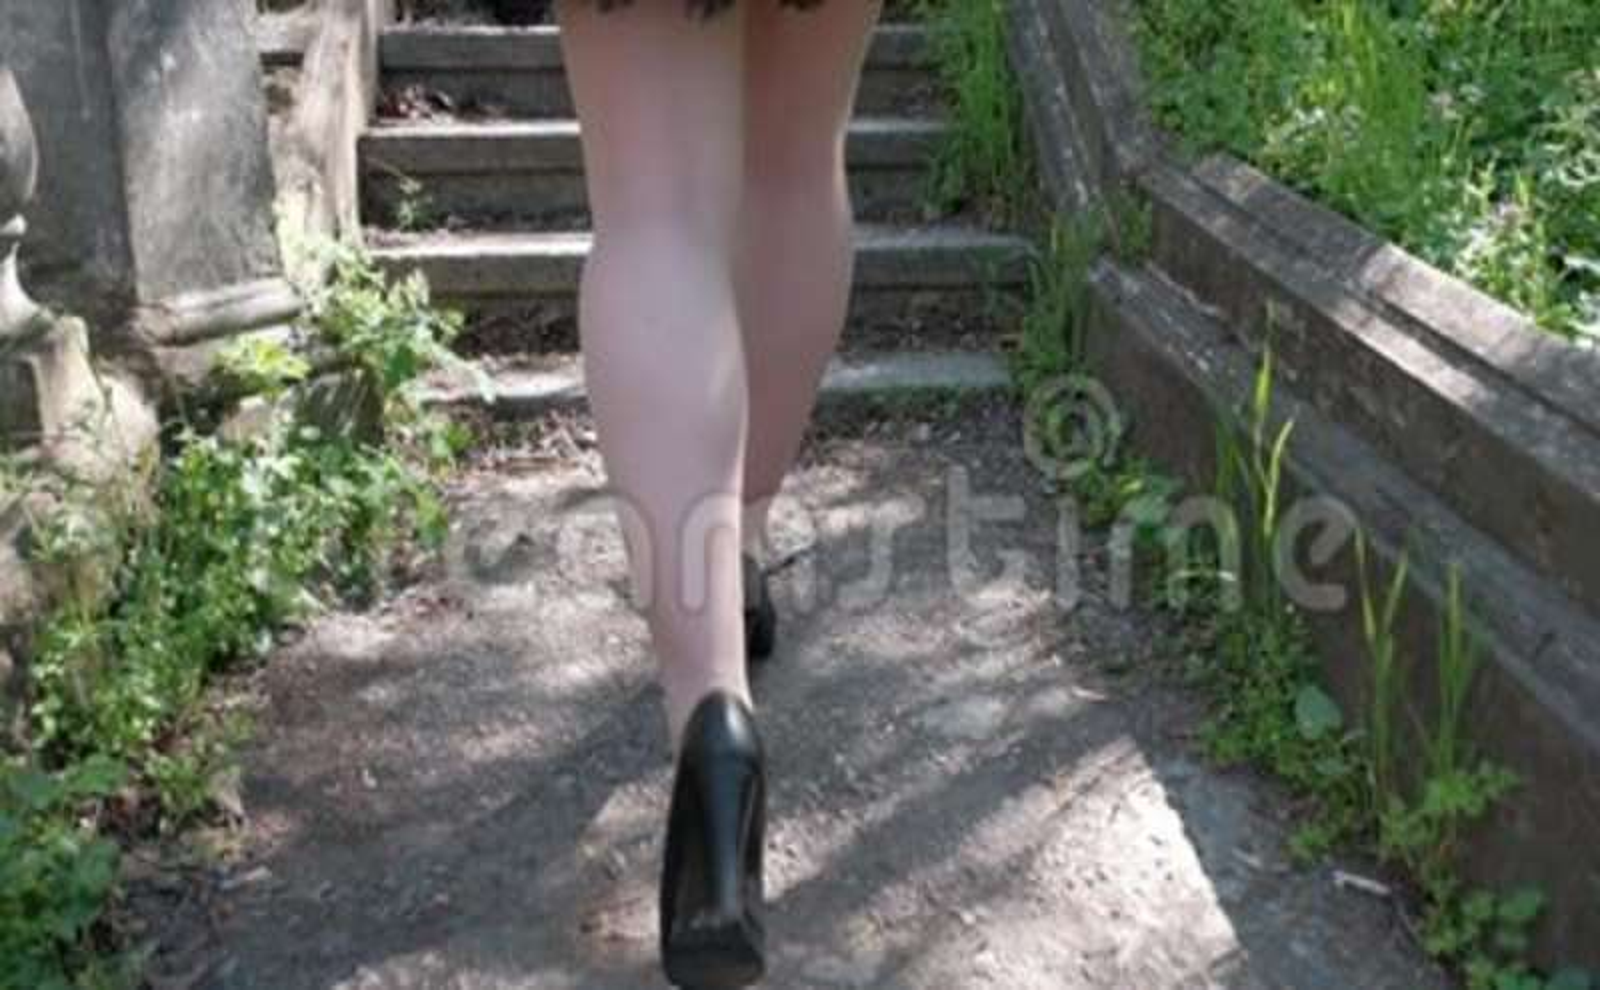 de40cadea Una mujer en zapatos negros con talones y una falda corta está subiendo una  escalera antigua.